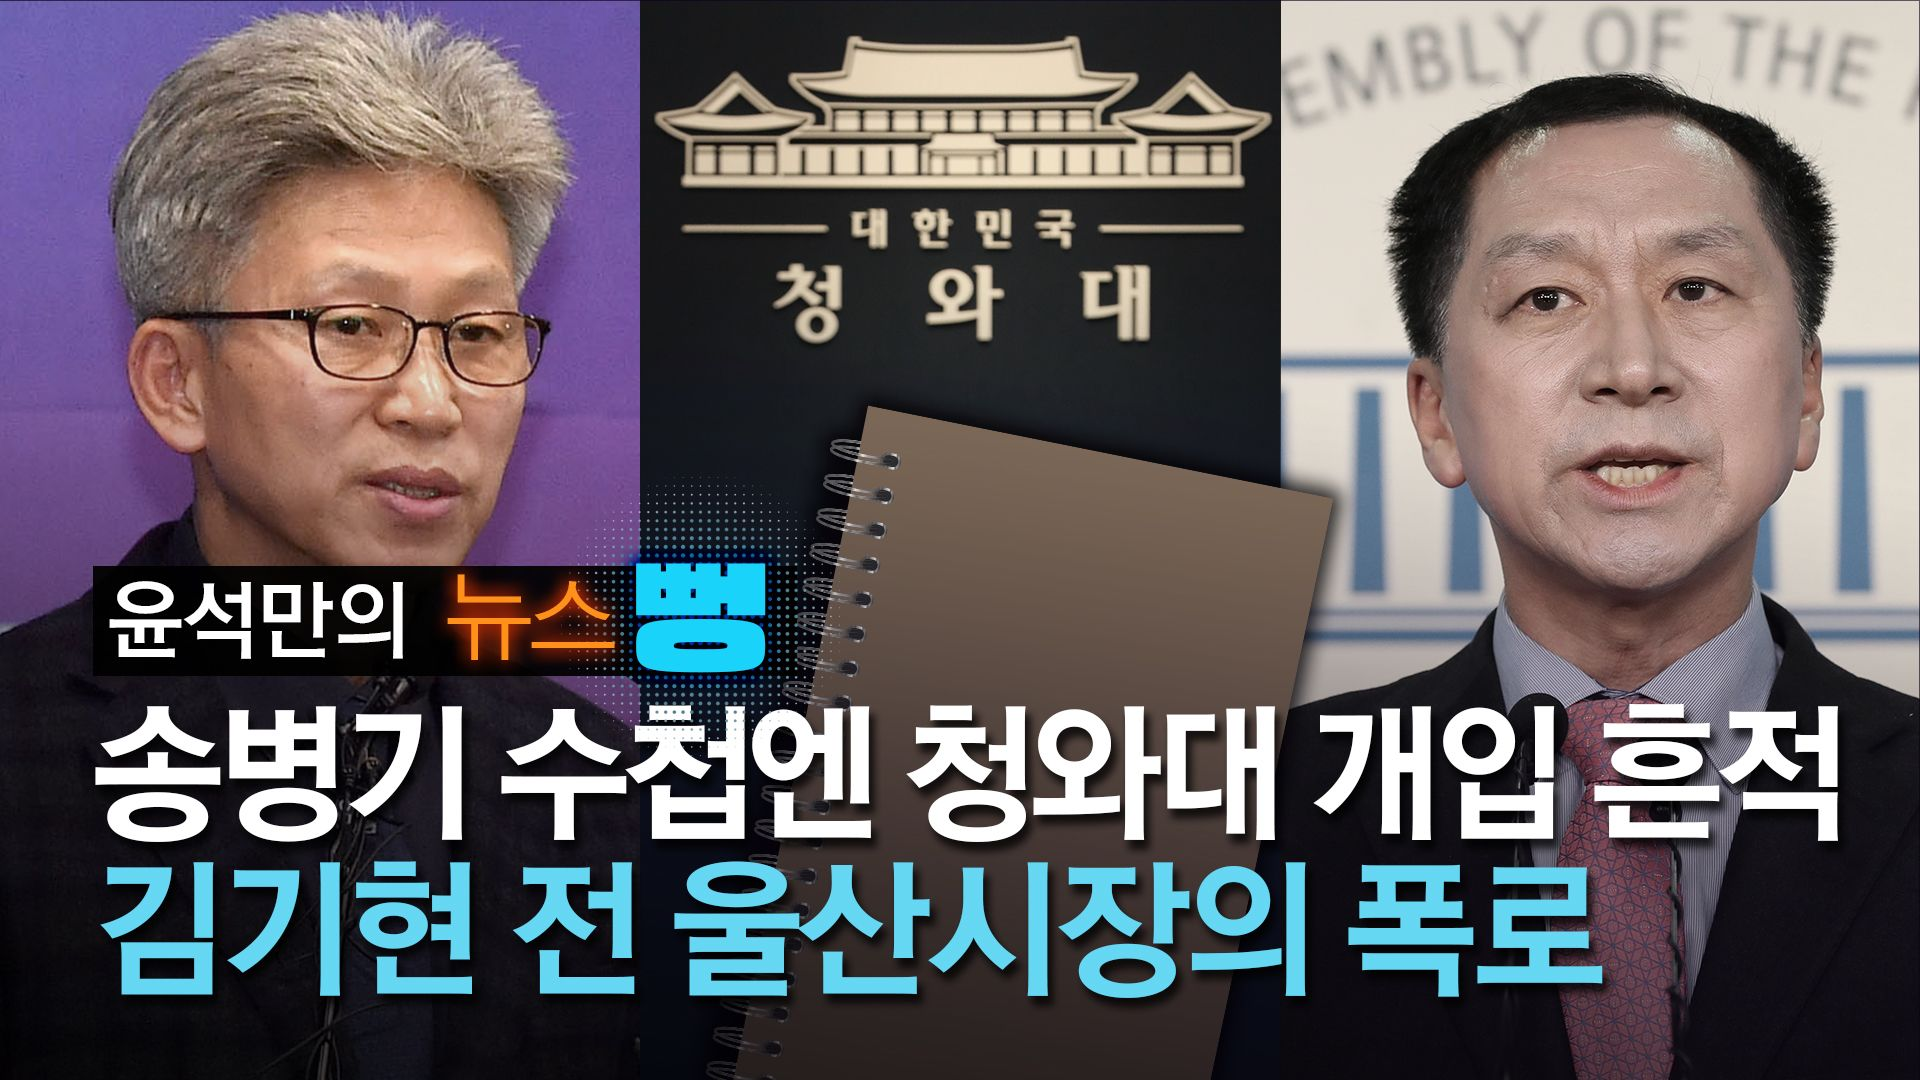 대통령 탄핵 거론된 울산사건, 김기현이 폭로한 'VIP 메모'